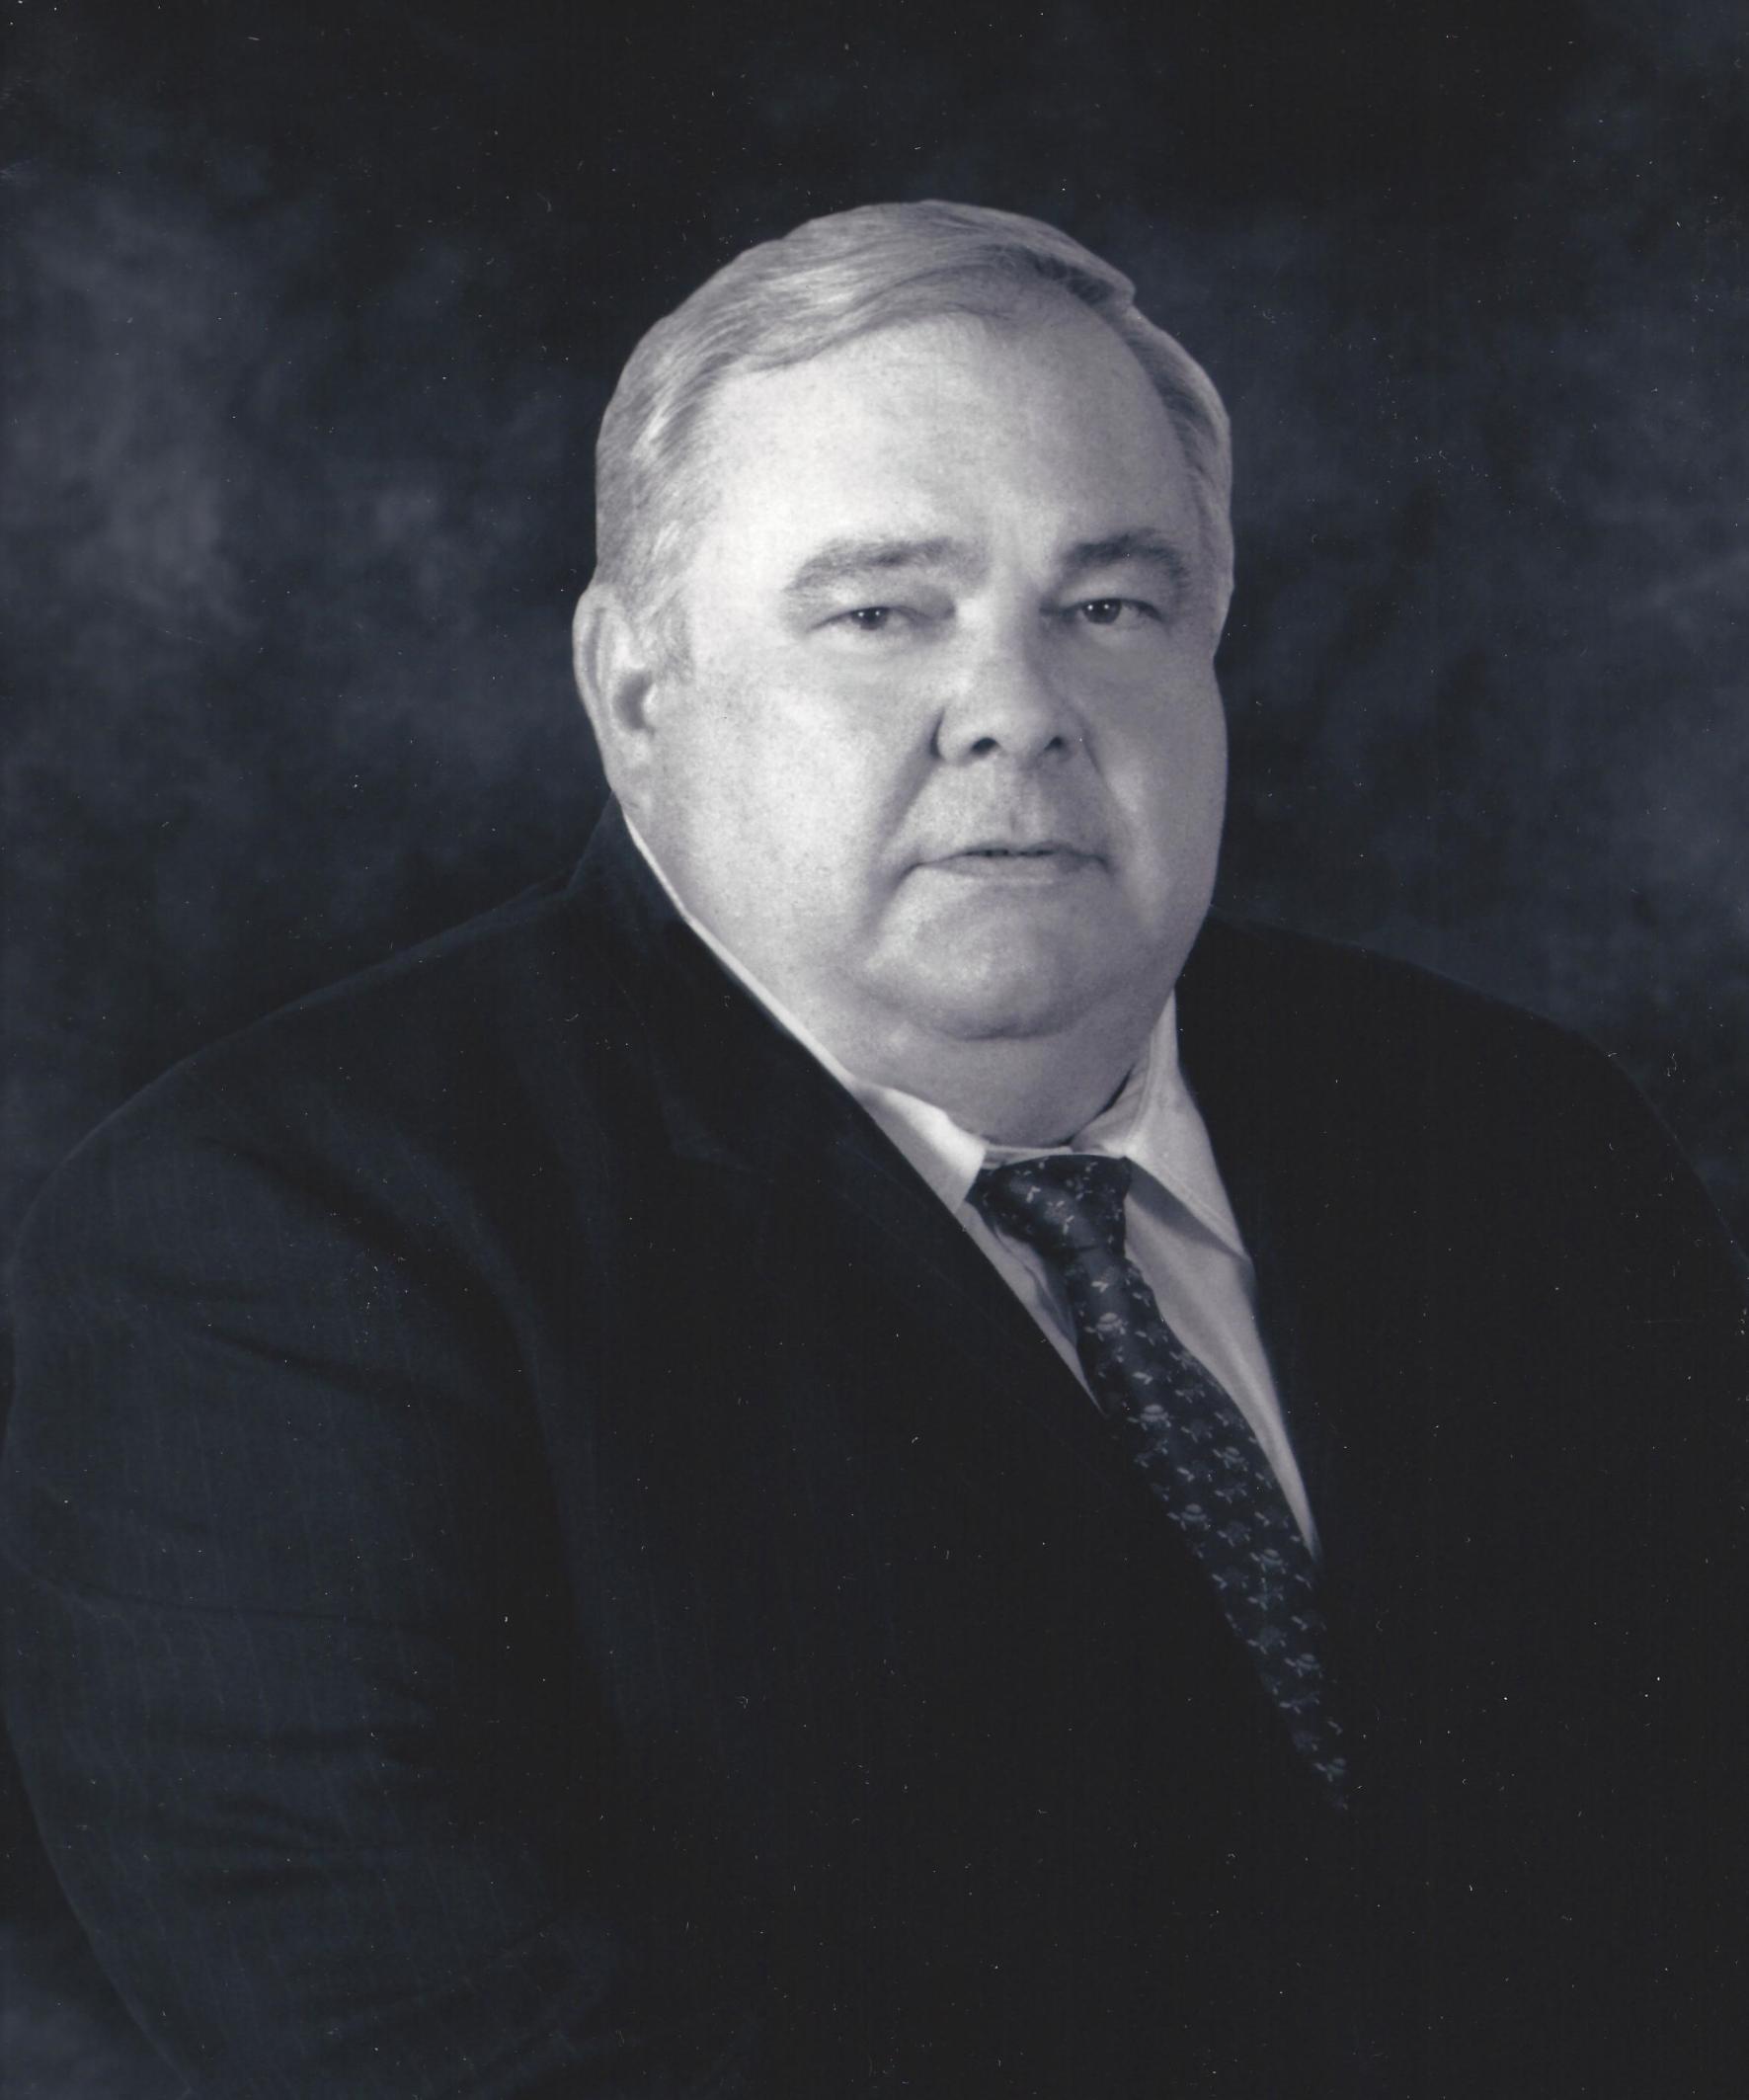 C.P. FERNANDO ÁLVAREZ AGUILAR